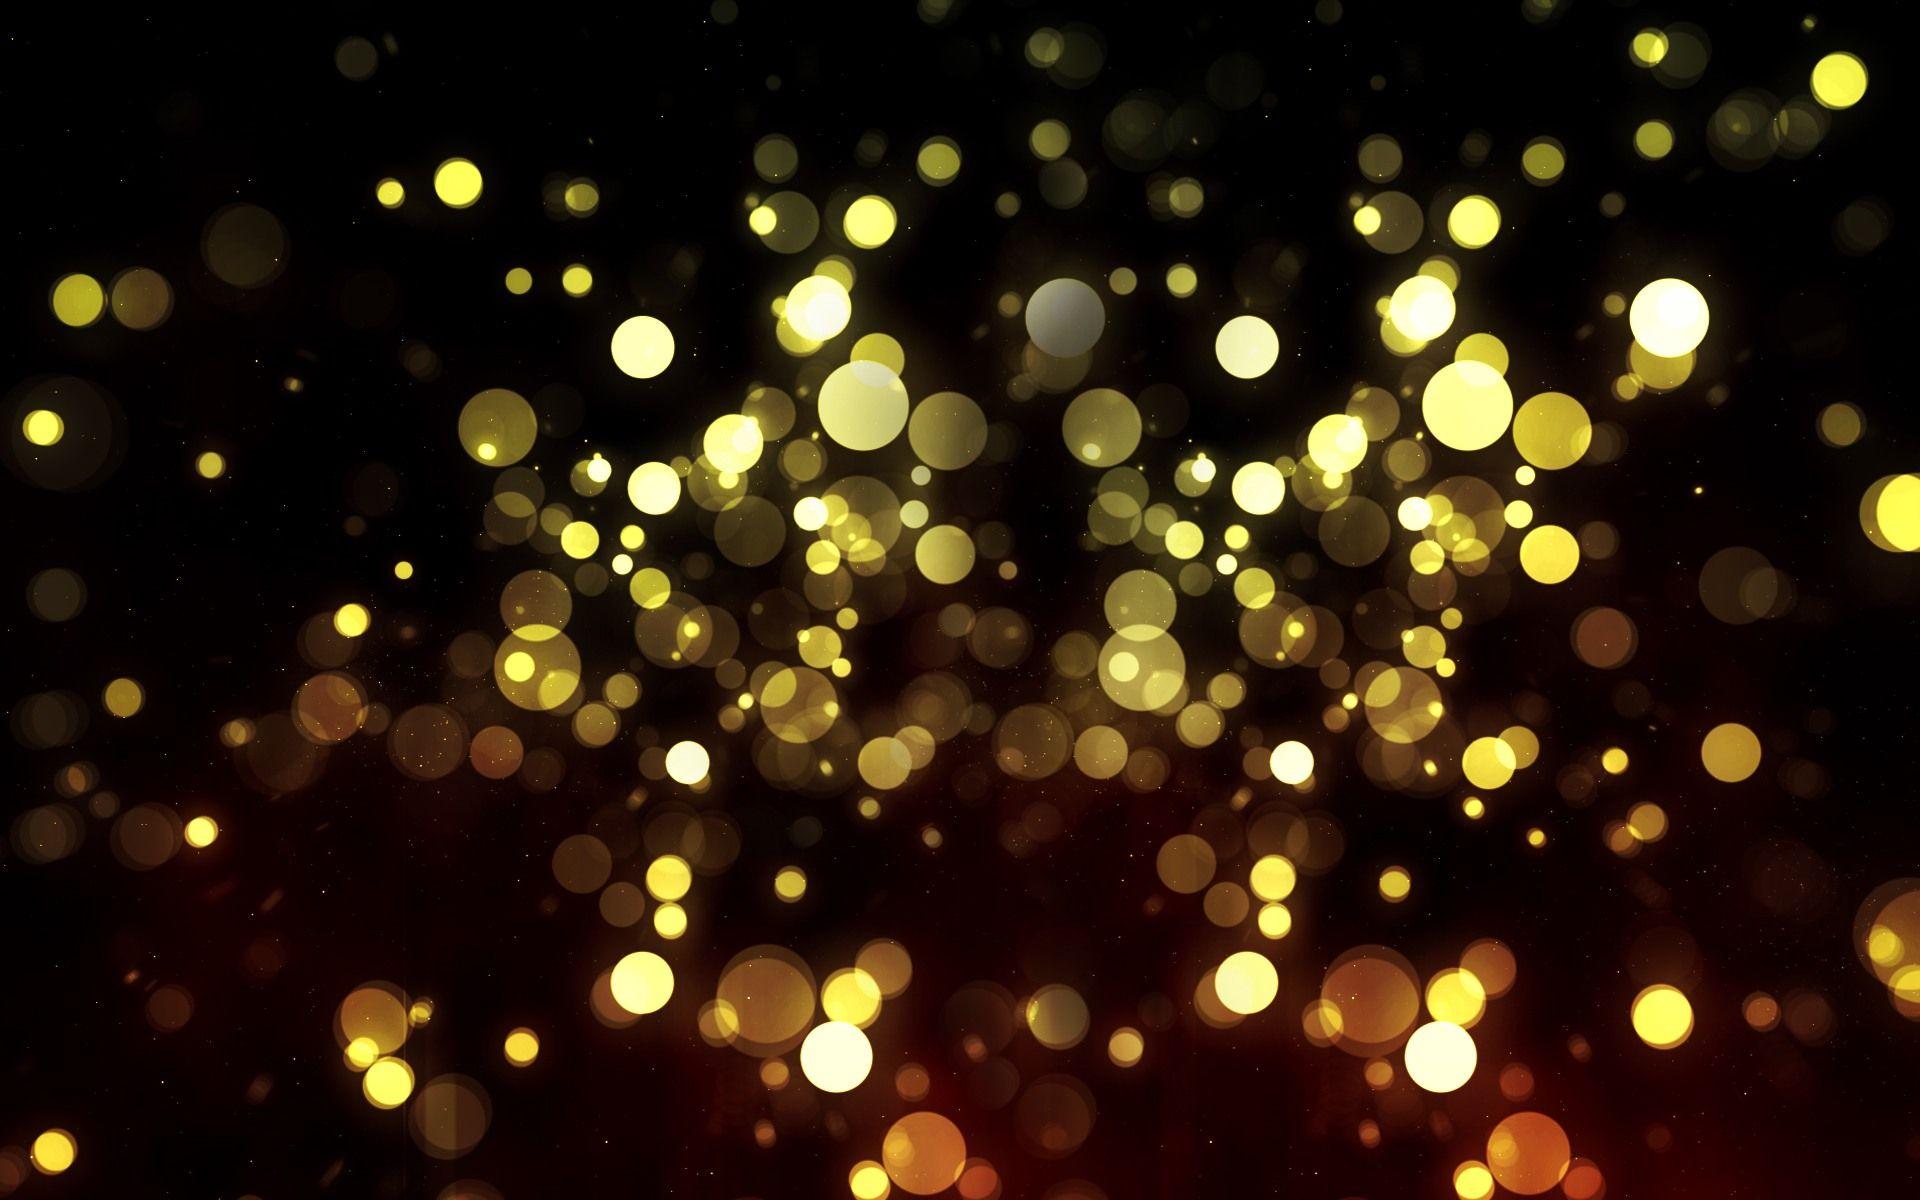 20 Beautiful Hd Bokeh Wallpapers Bokeh Wallpaper Sparkle Wallpaper Bubbles Wallpaper